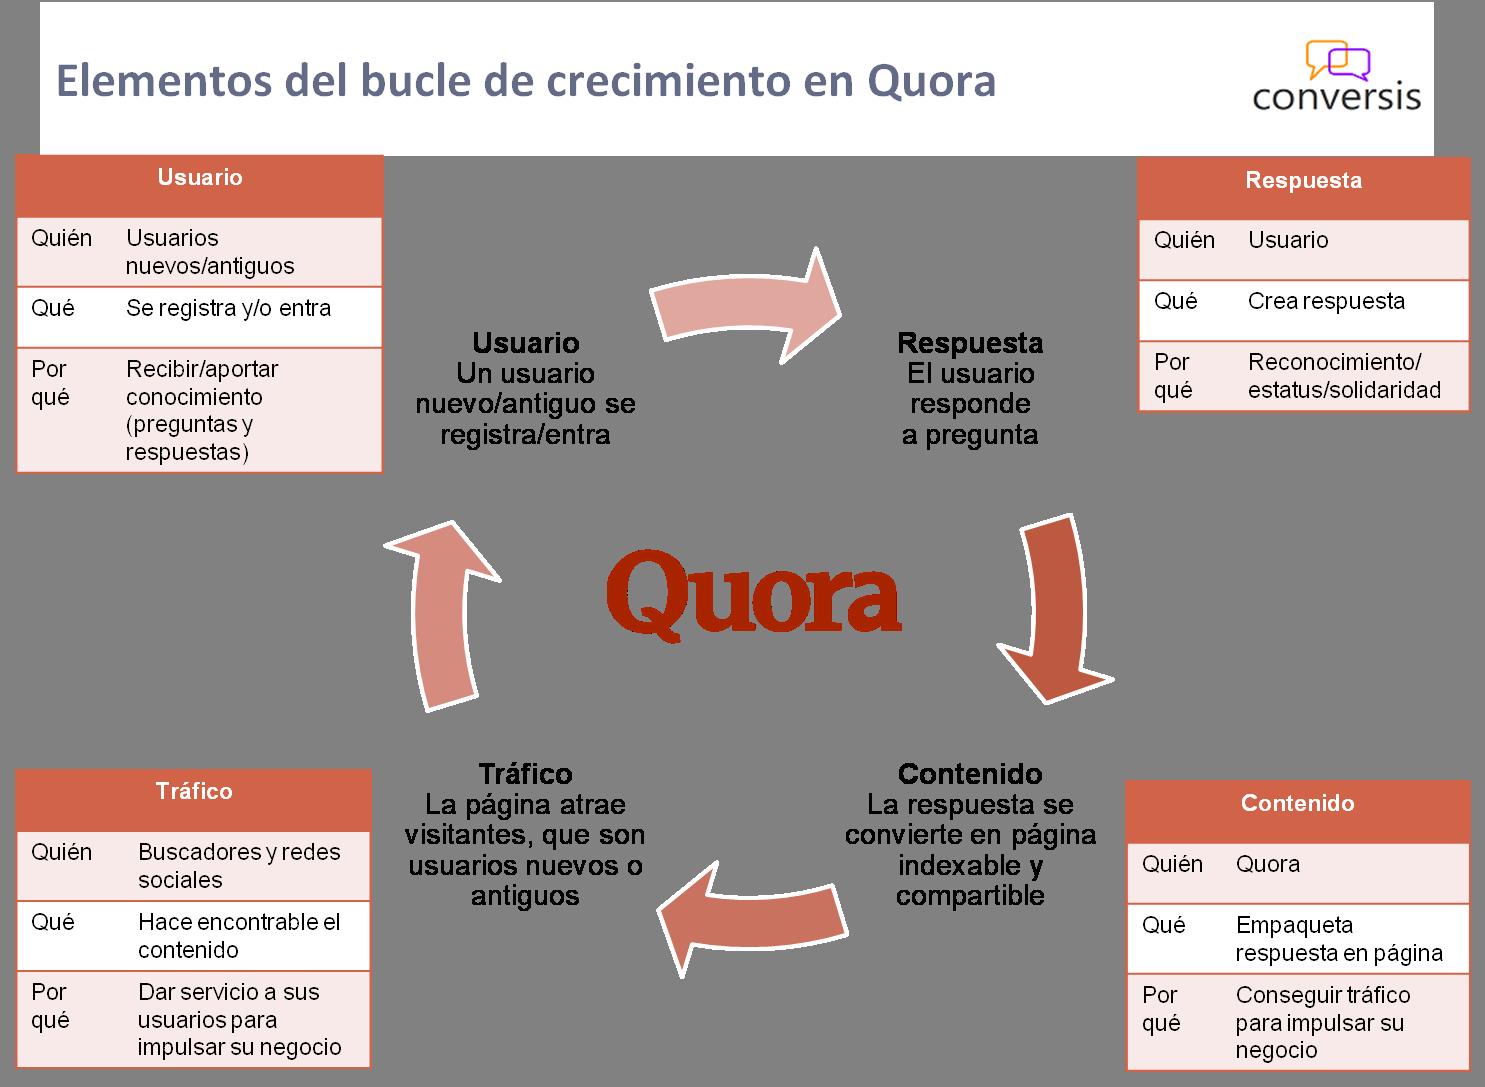 Elementos del bucle de crecimiento en Quora